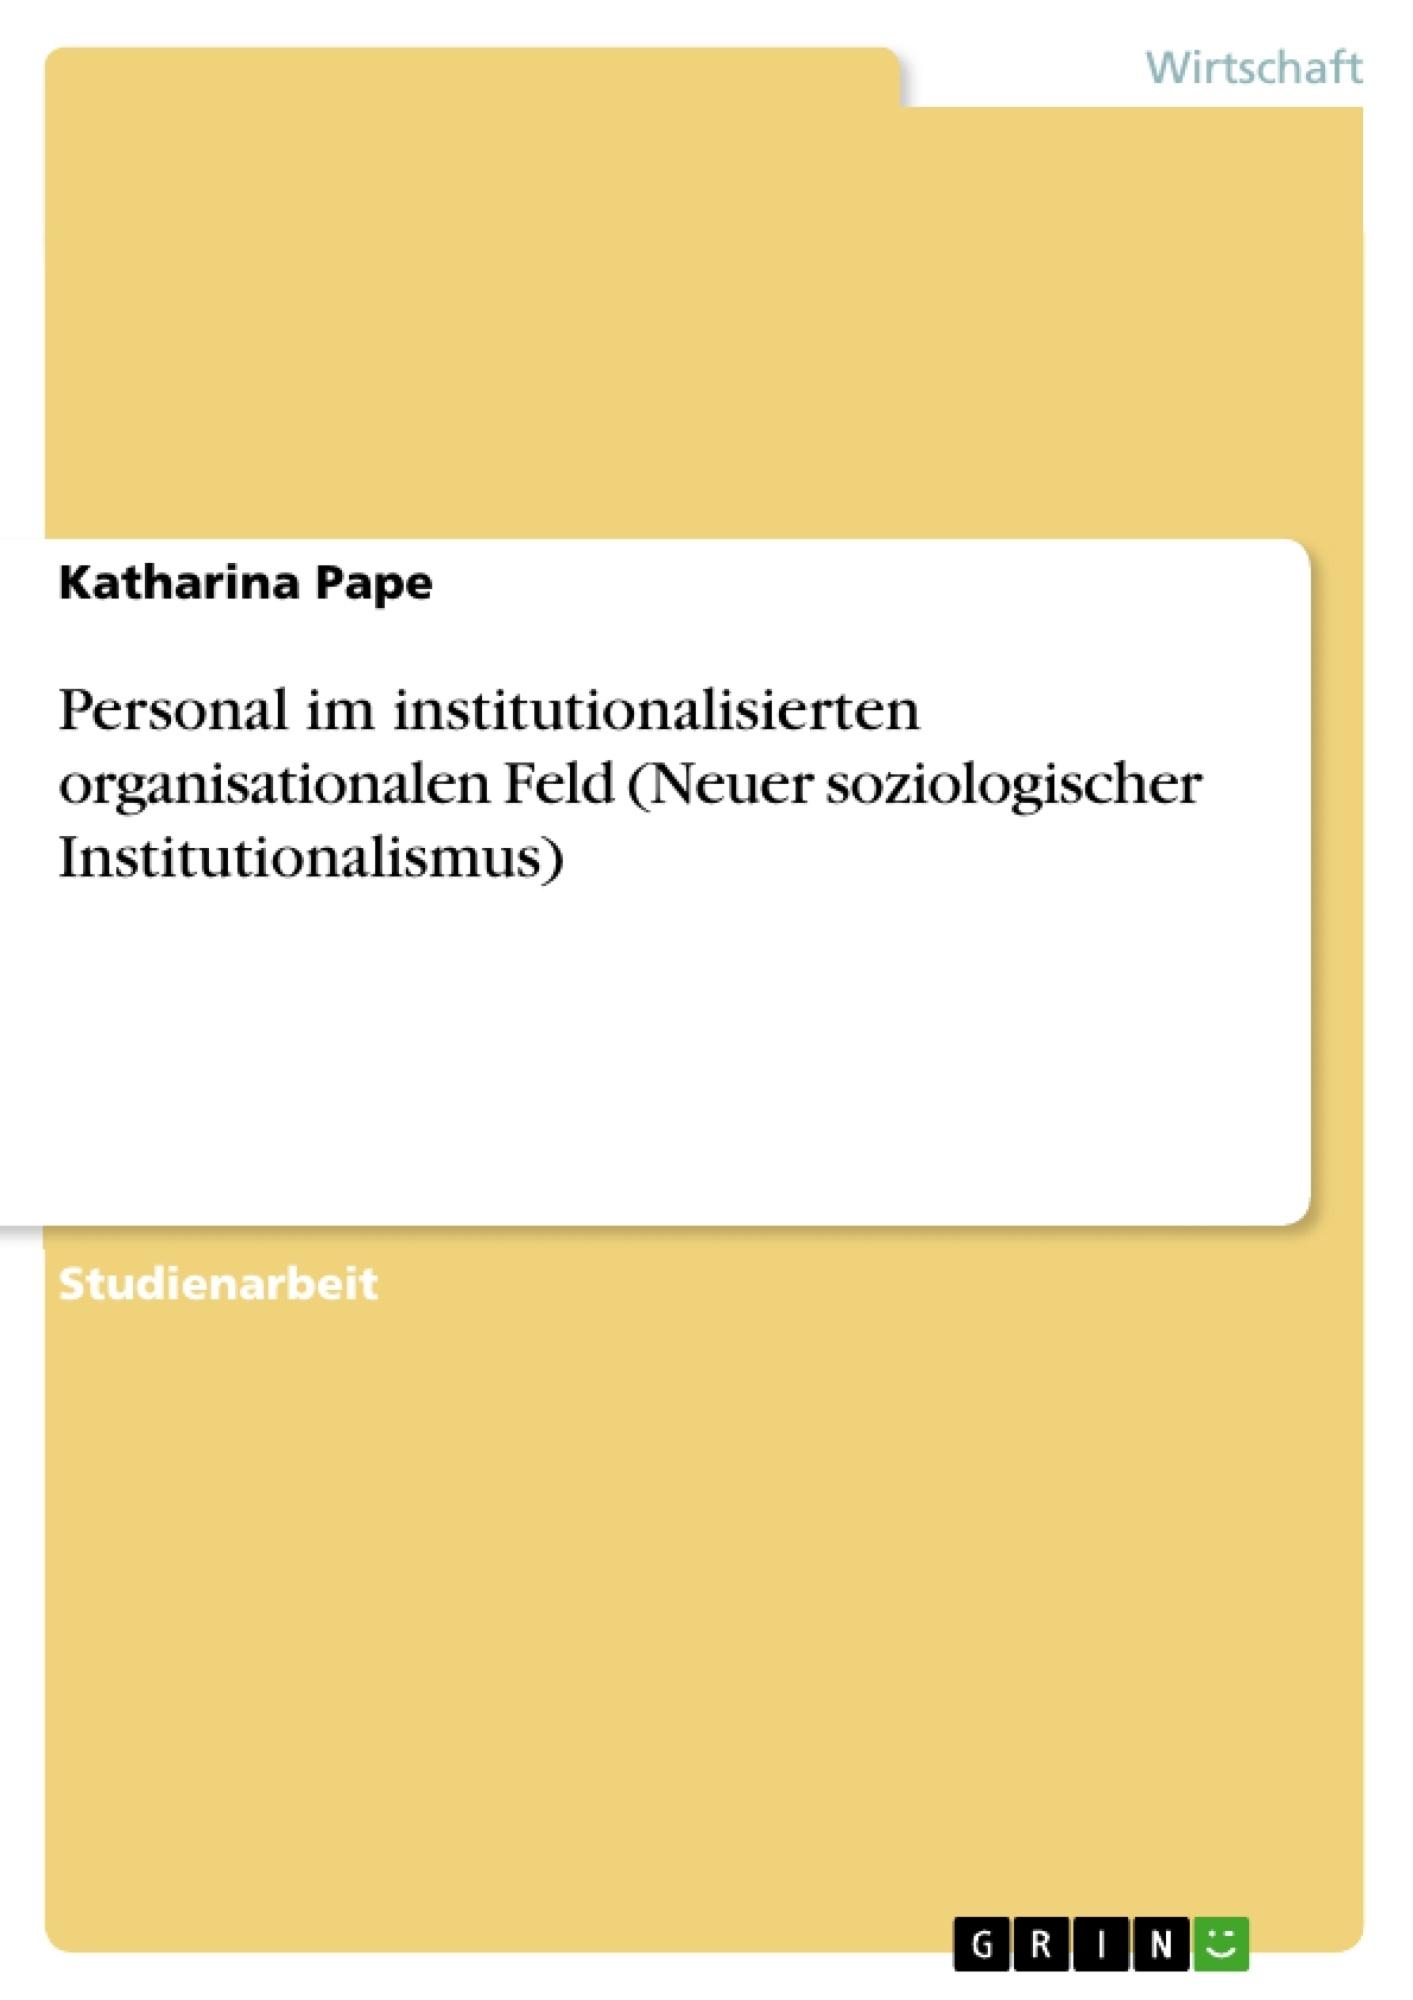 Titel: Personal im institutionalisierten organisationalen Feld (Neuer soziologischer Institutionalismus)